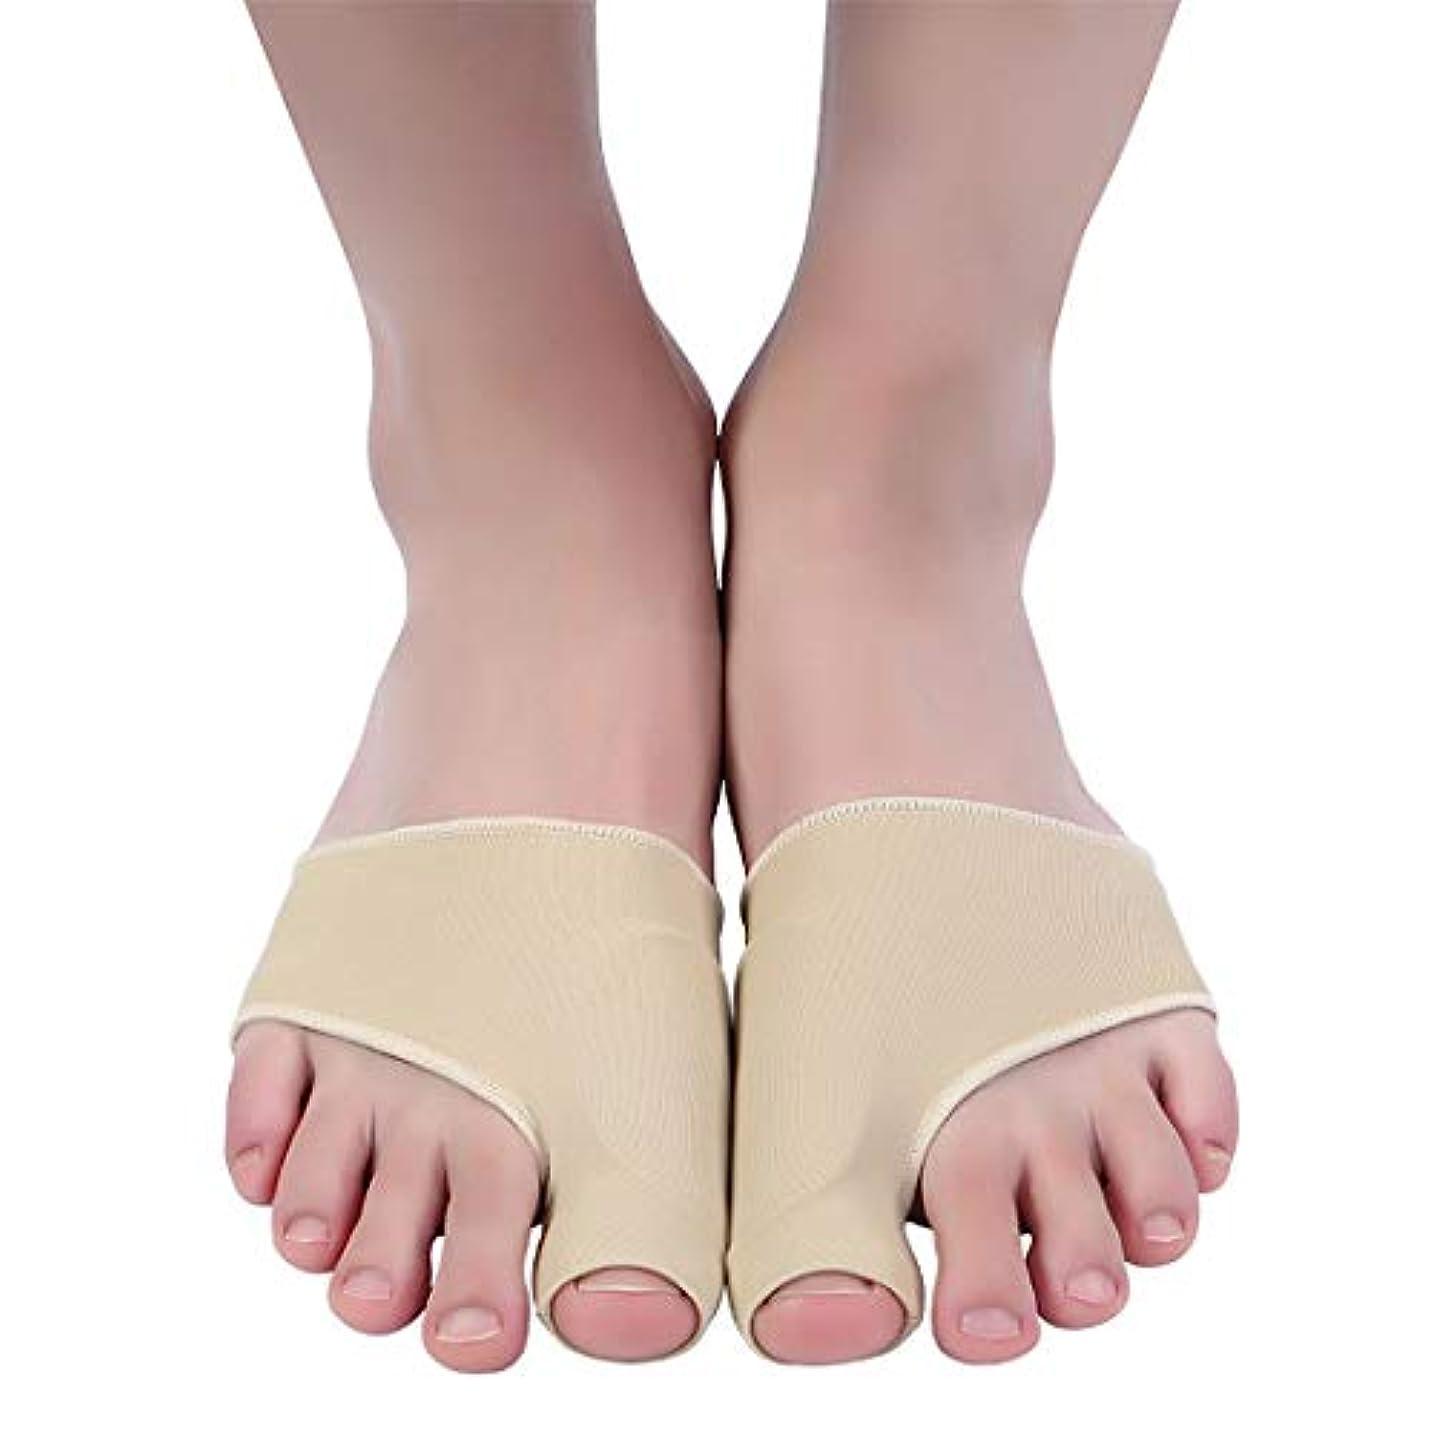 変更可能要旨戸口腱膜瘤矯正と腱膜瘤救済、女性と男性のための整形外科の足の親指矯正、昼夜のサポート、外反母Valの治療と予防,womenS